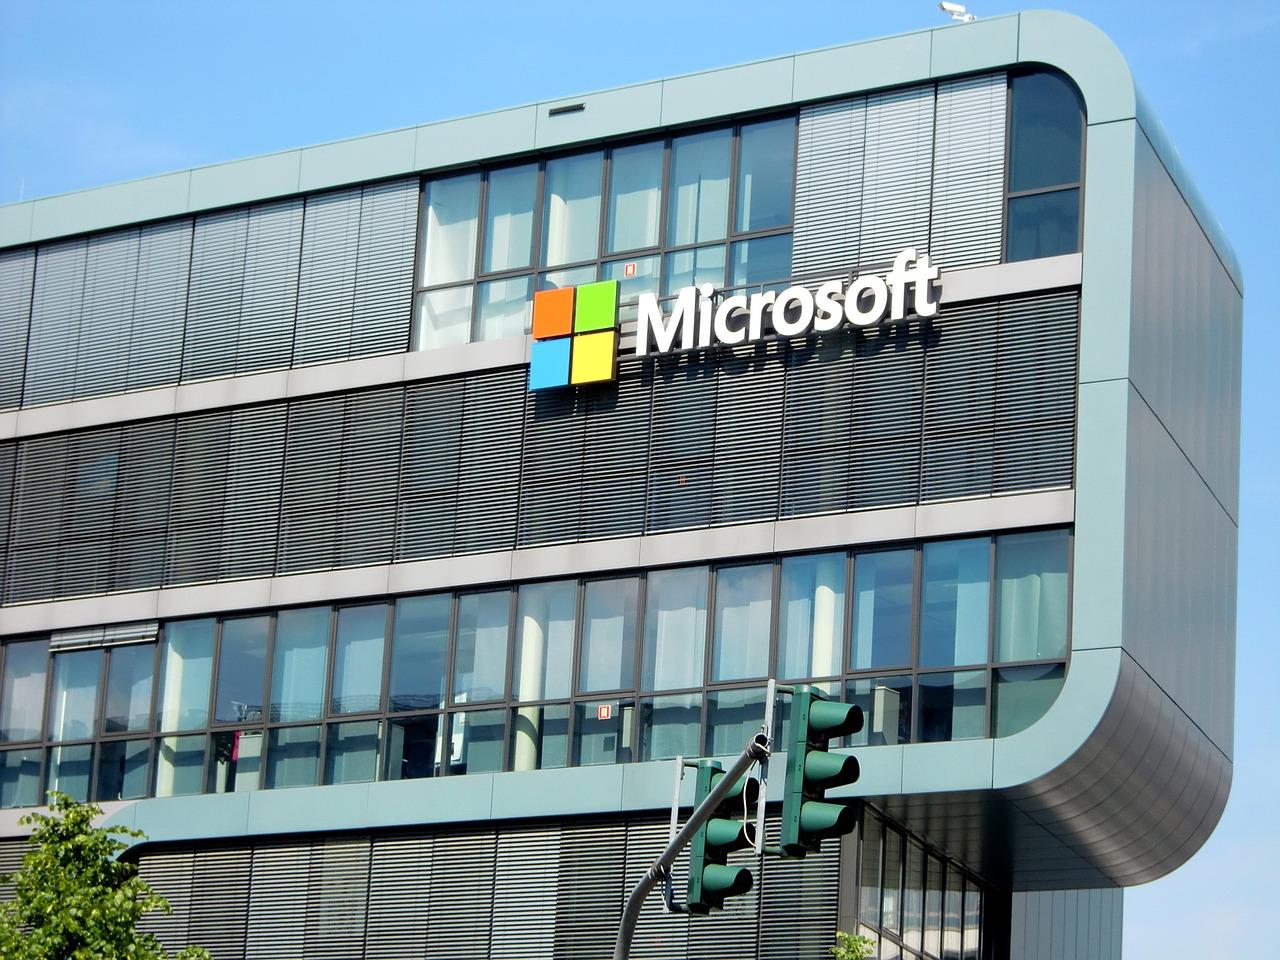 Microsoft dépasse les 100 milliards de dollars de chiffre d'affaires annuel